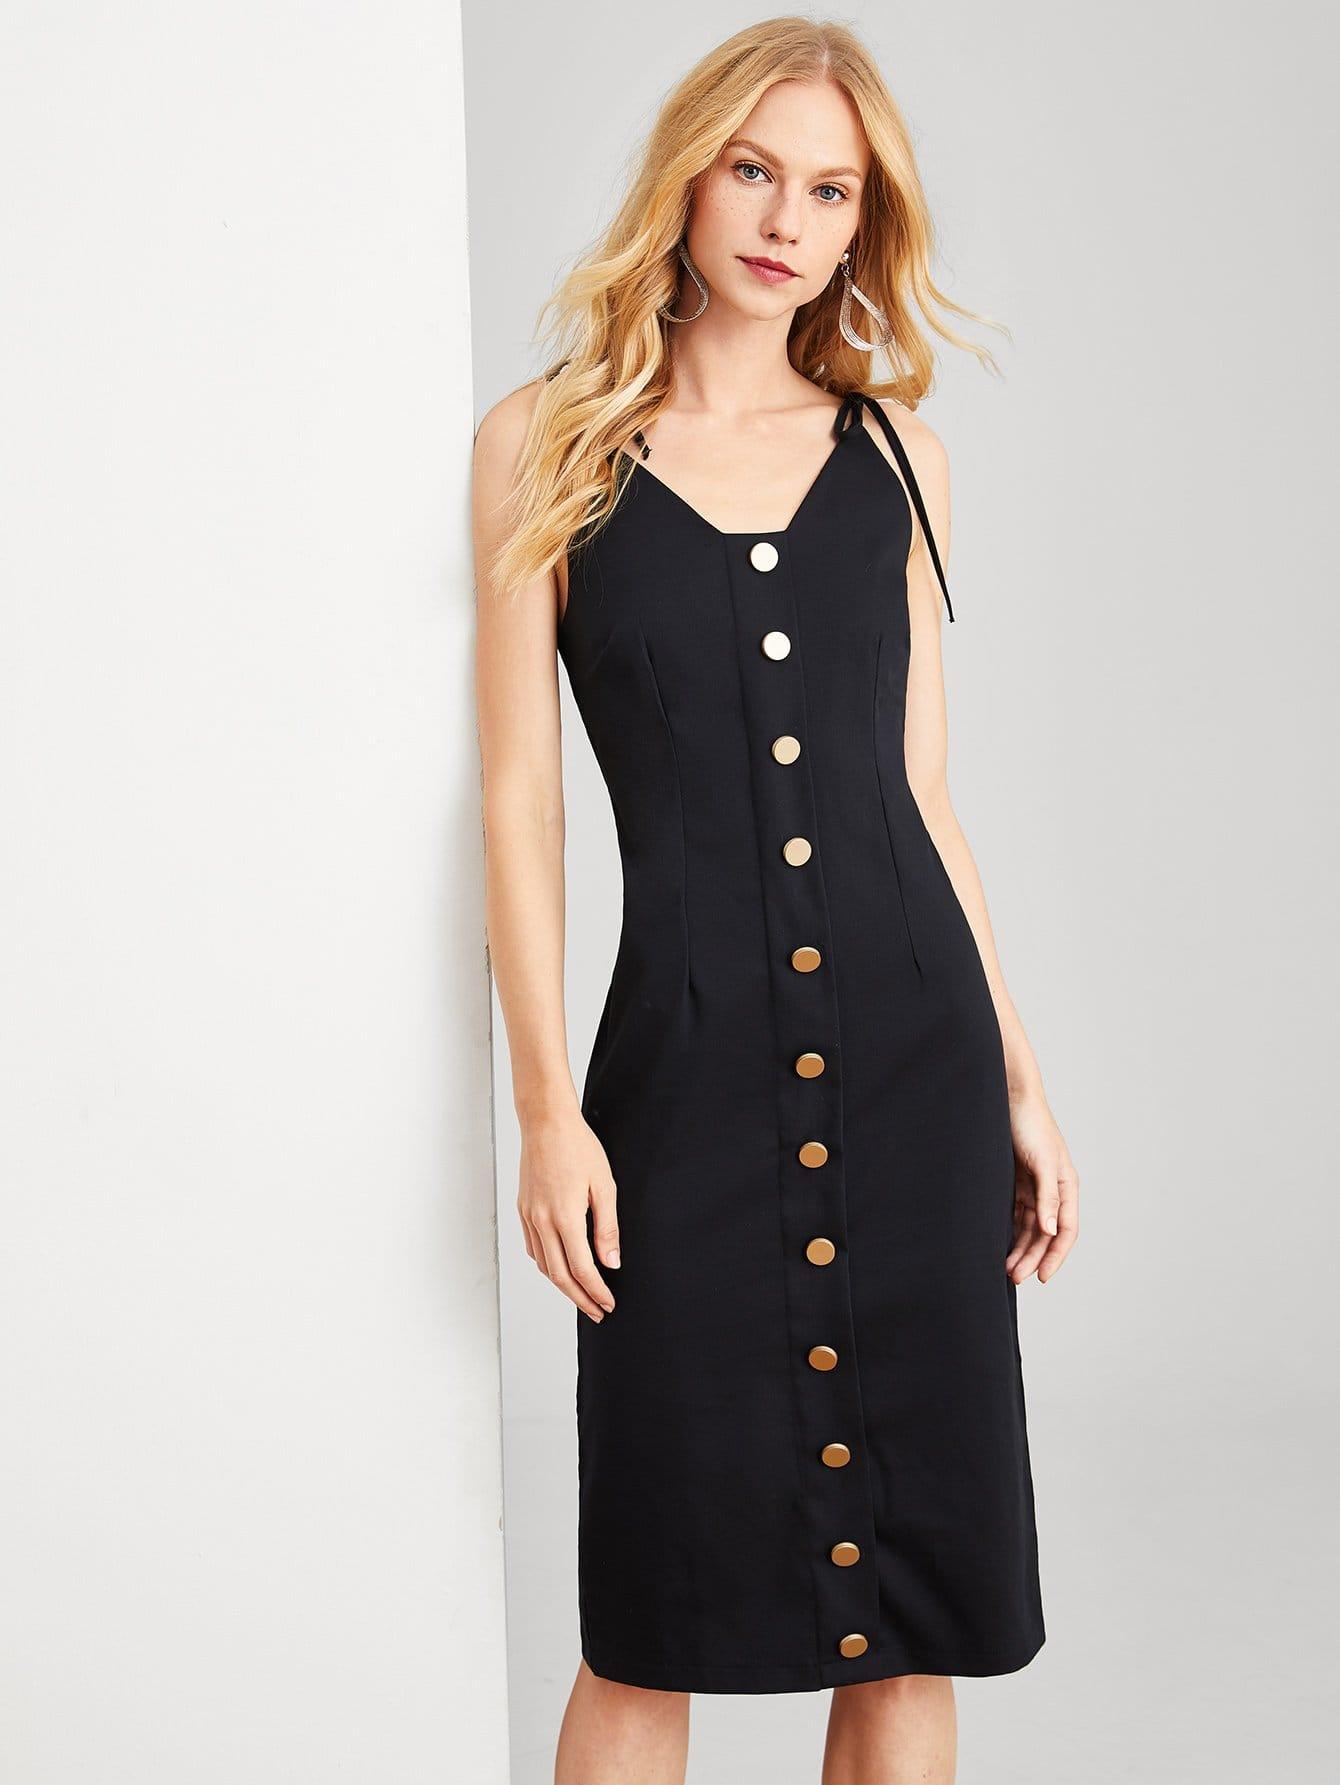 Купить Облегающое платье с вырезом и с украшением пуговицы, Denisa, SheIn